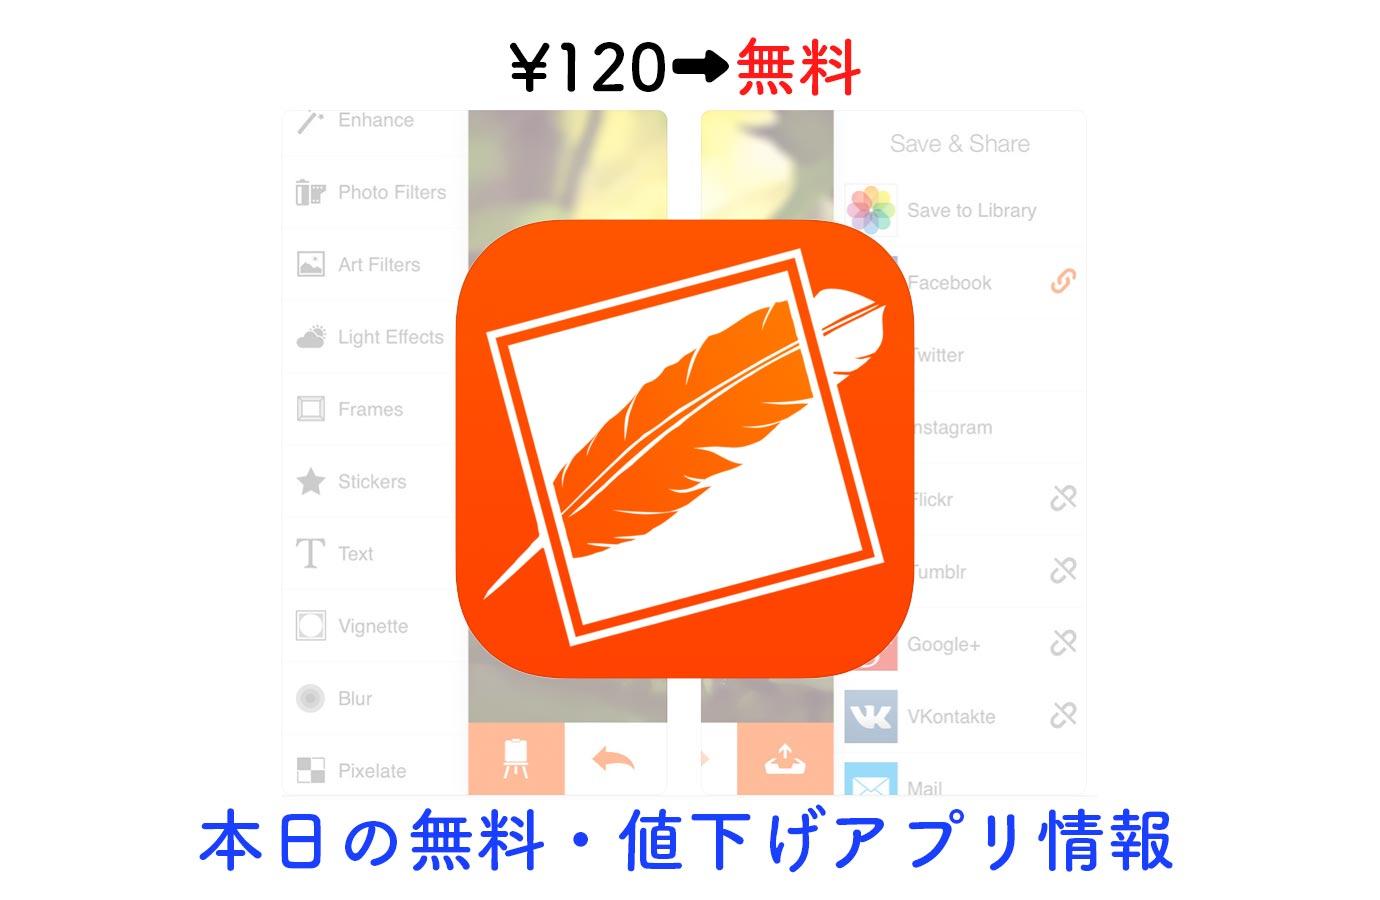 120円→無料、写真編集に必要な機能がそろった「Phoenix Photo Editor」など【4/11】セールアプリ情報